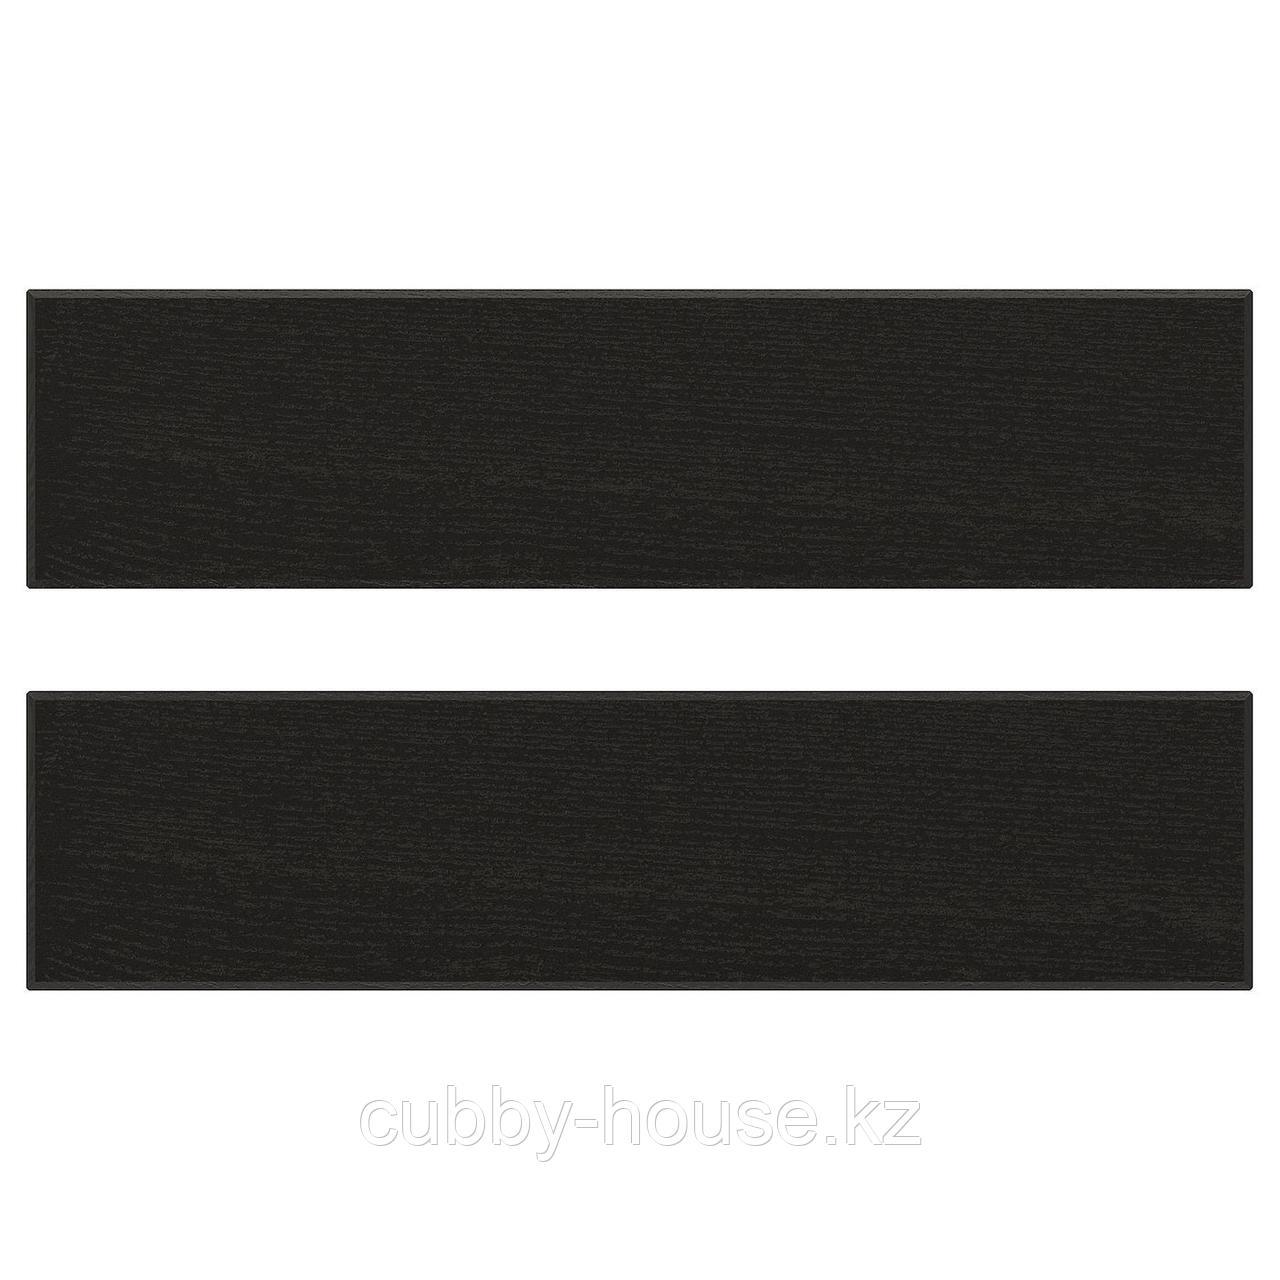 ЛЕРХЮТТАН Фронтальная панель ящика, черная морилка, 60x10 см